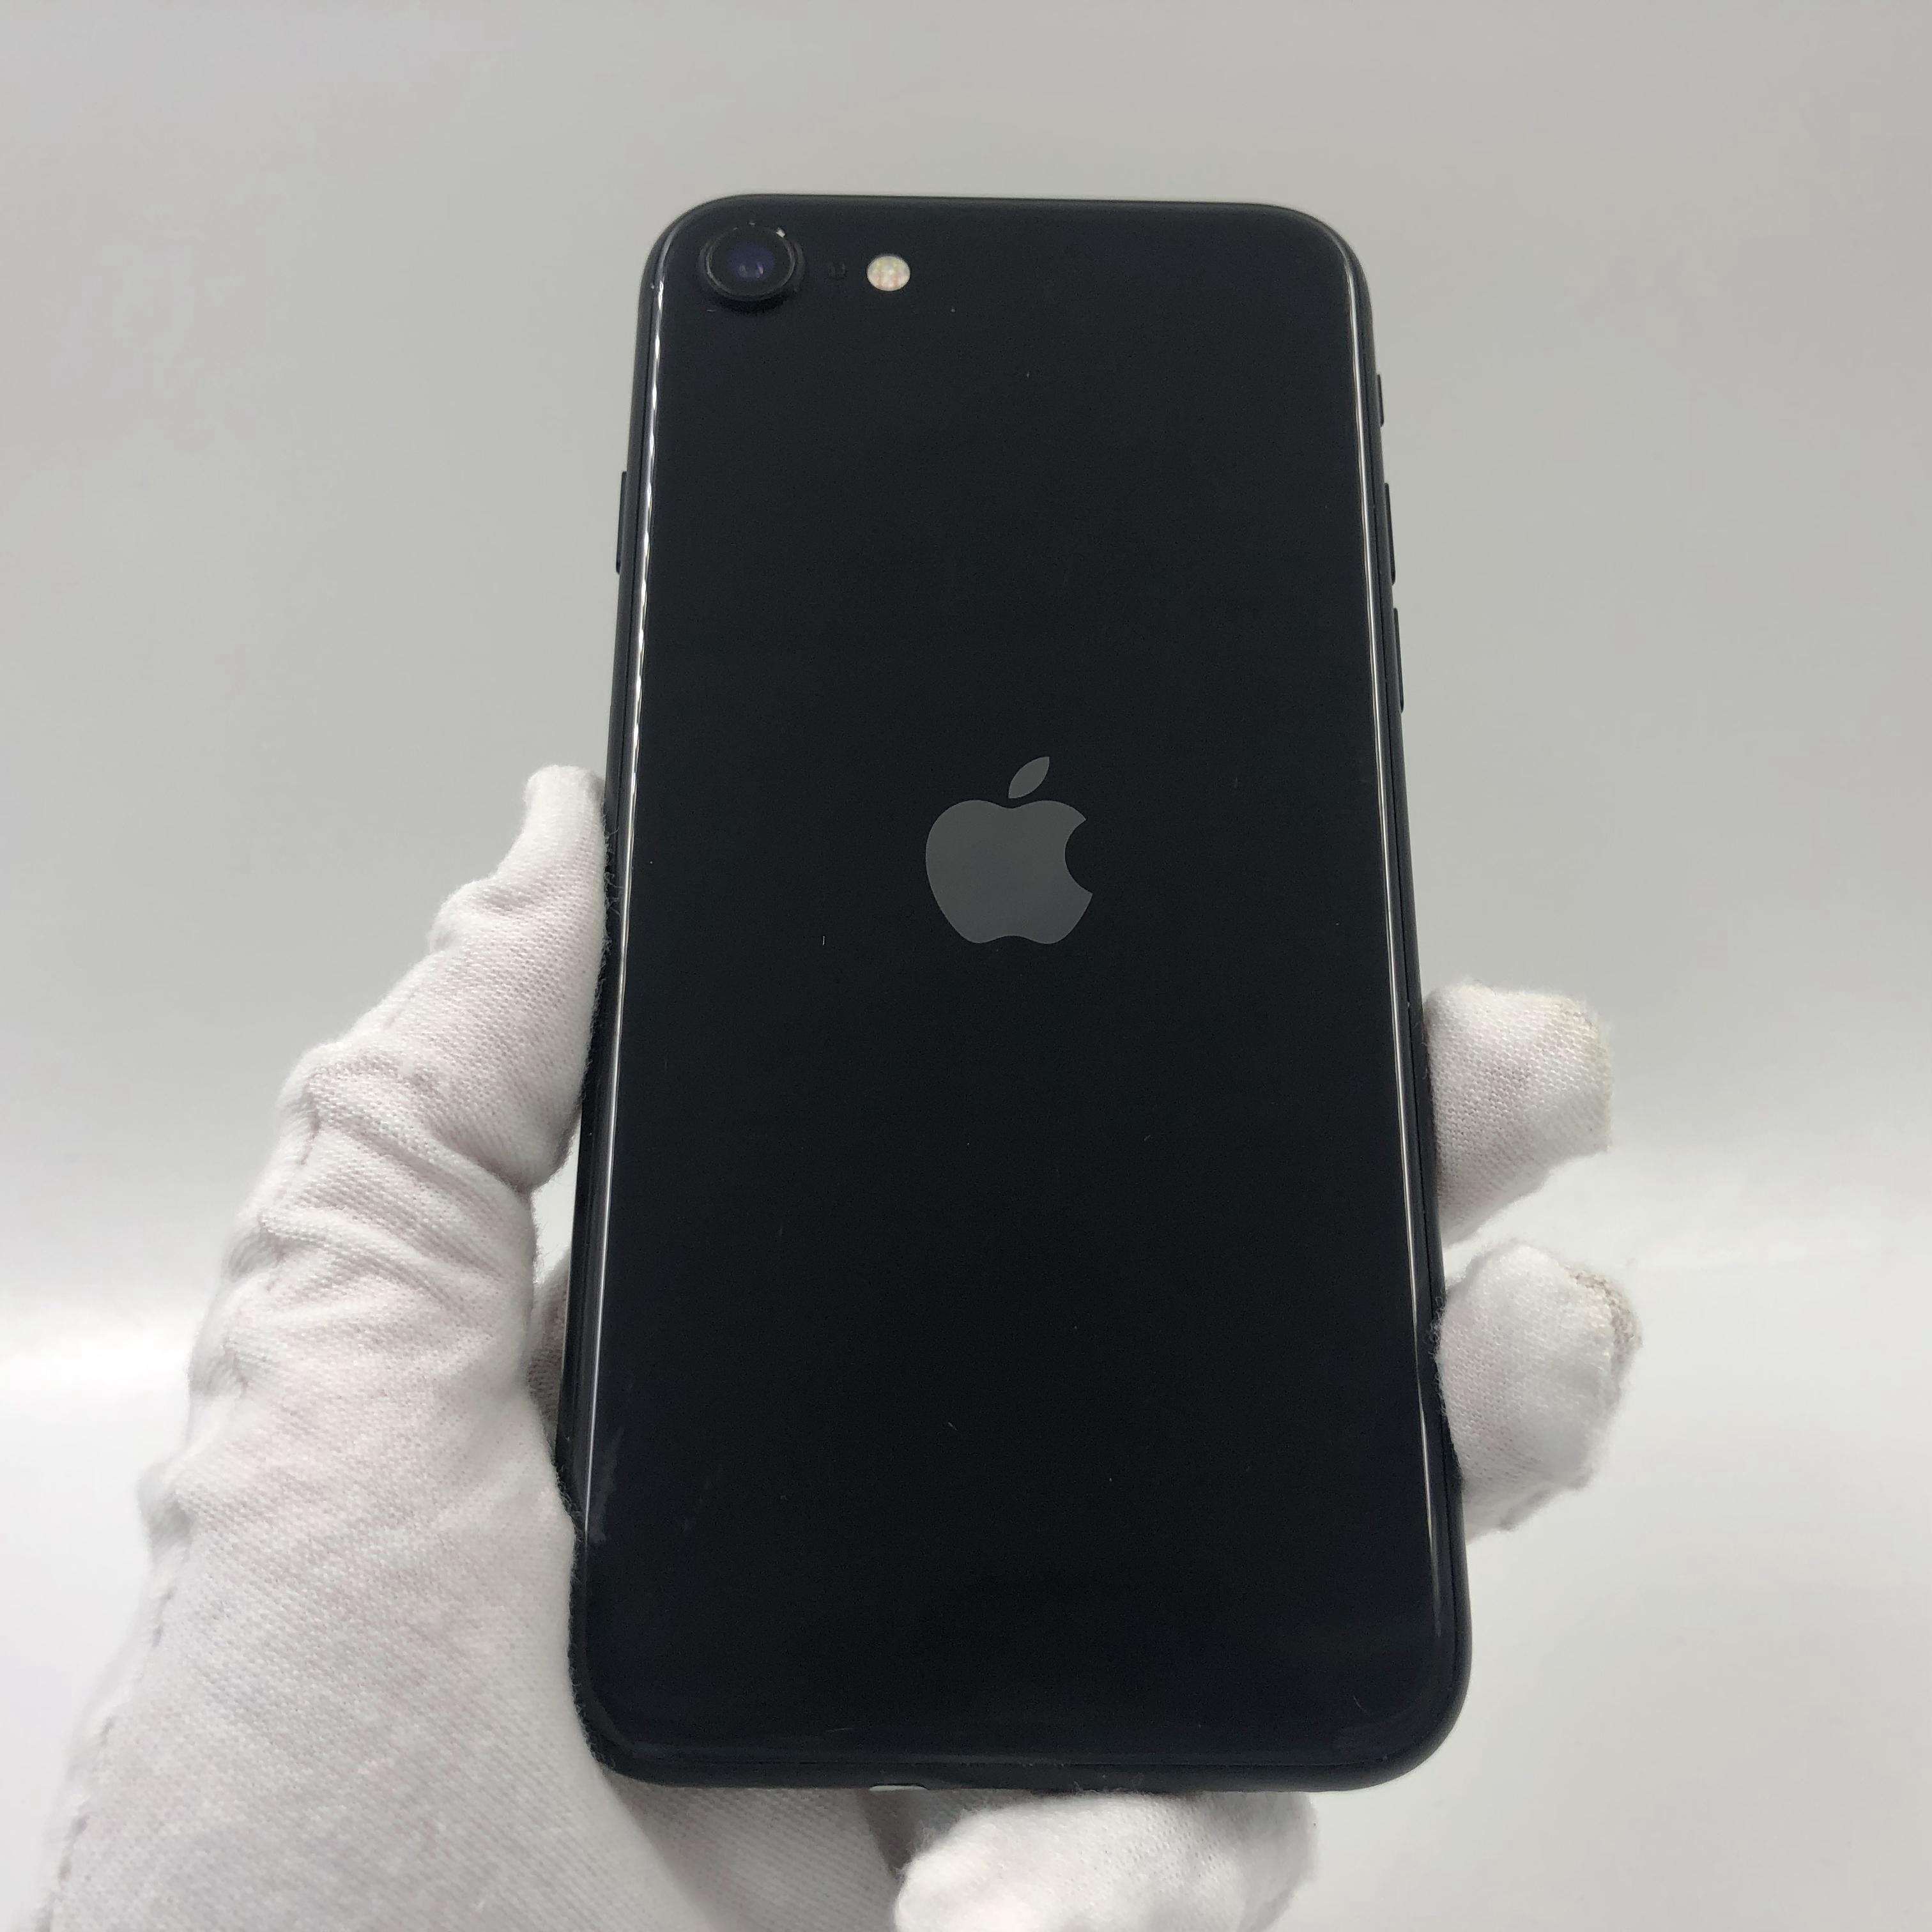 苹果【iPhone SE2】4G全网通 黑色 128G 国行 9成新 真机实拍